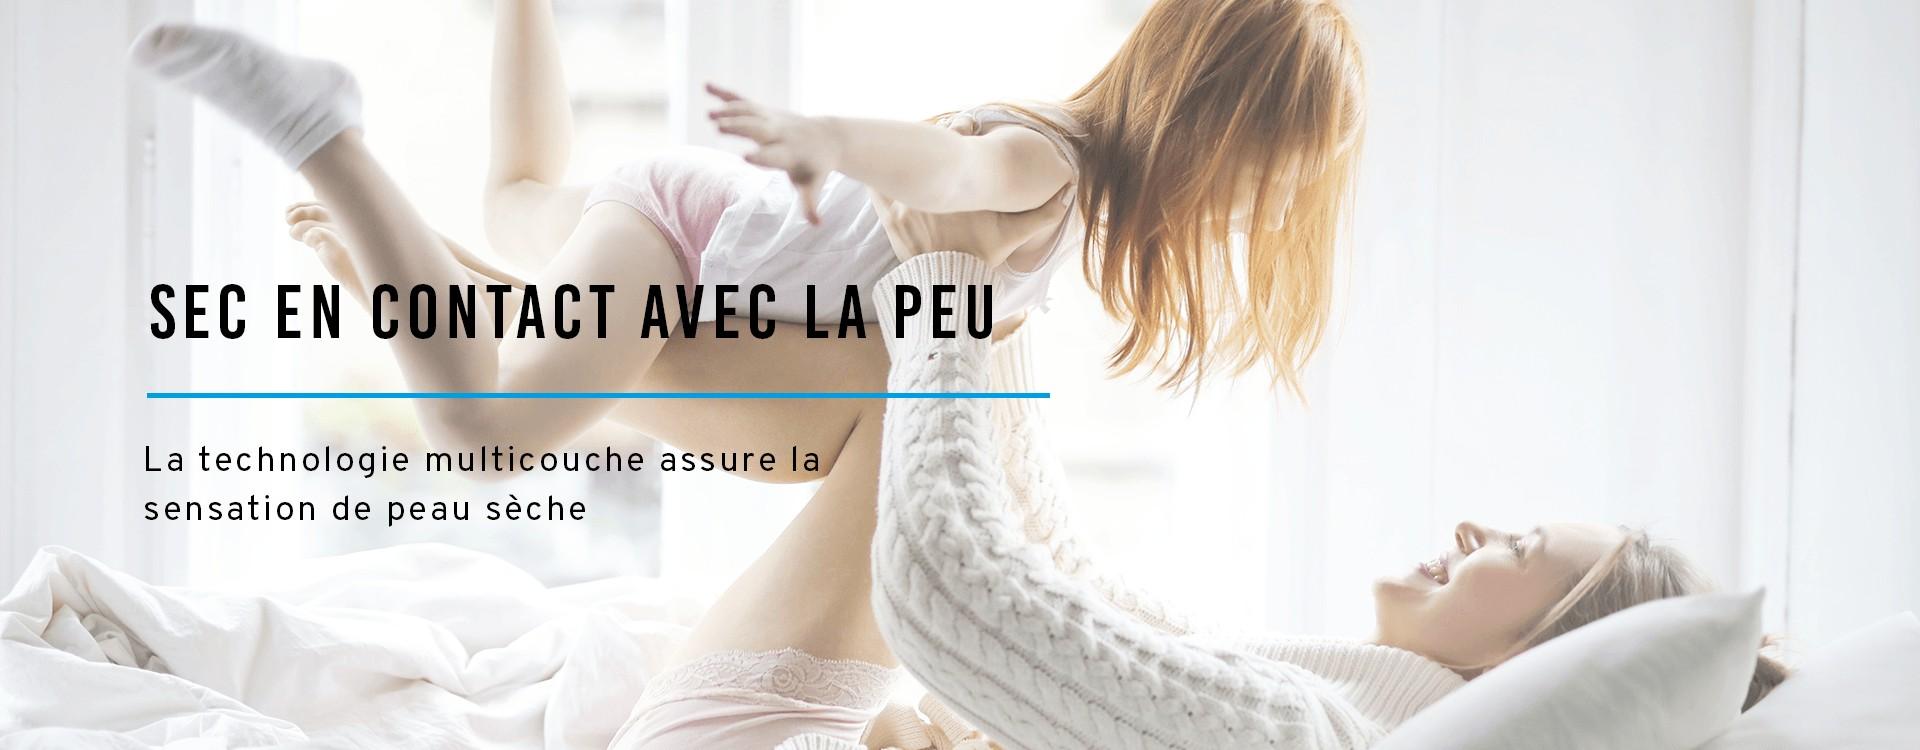 Les avantages des sous-vêtements pour l'incontinence urinaire | Protech Dry_2